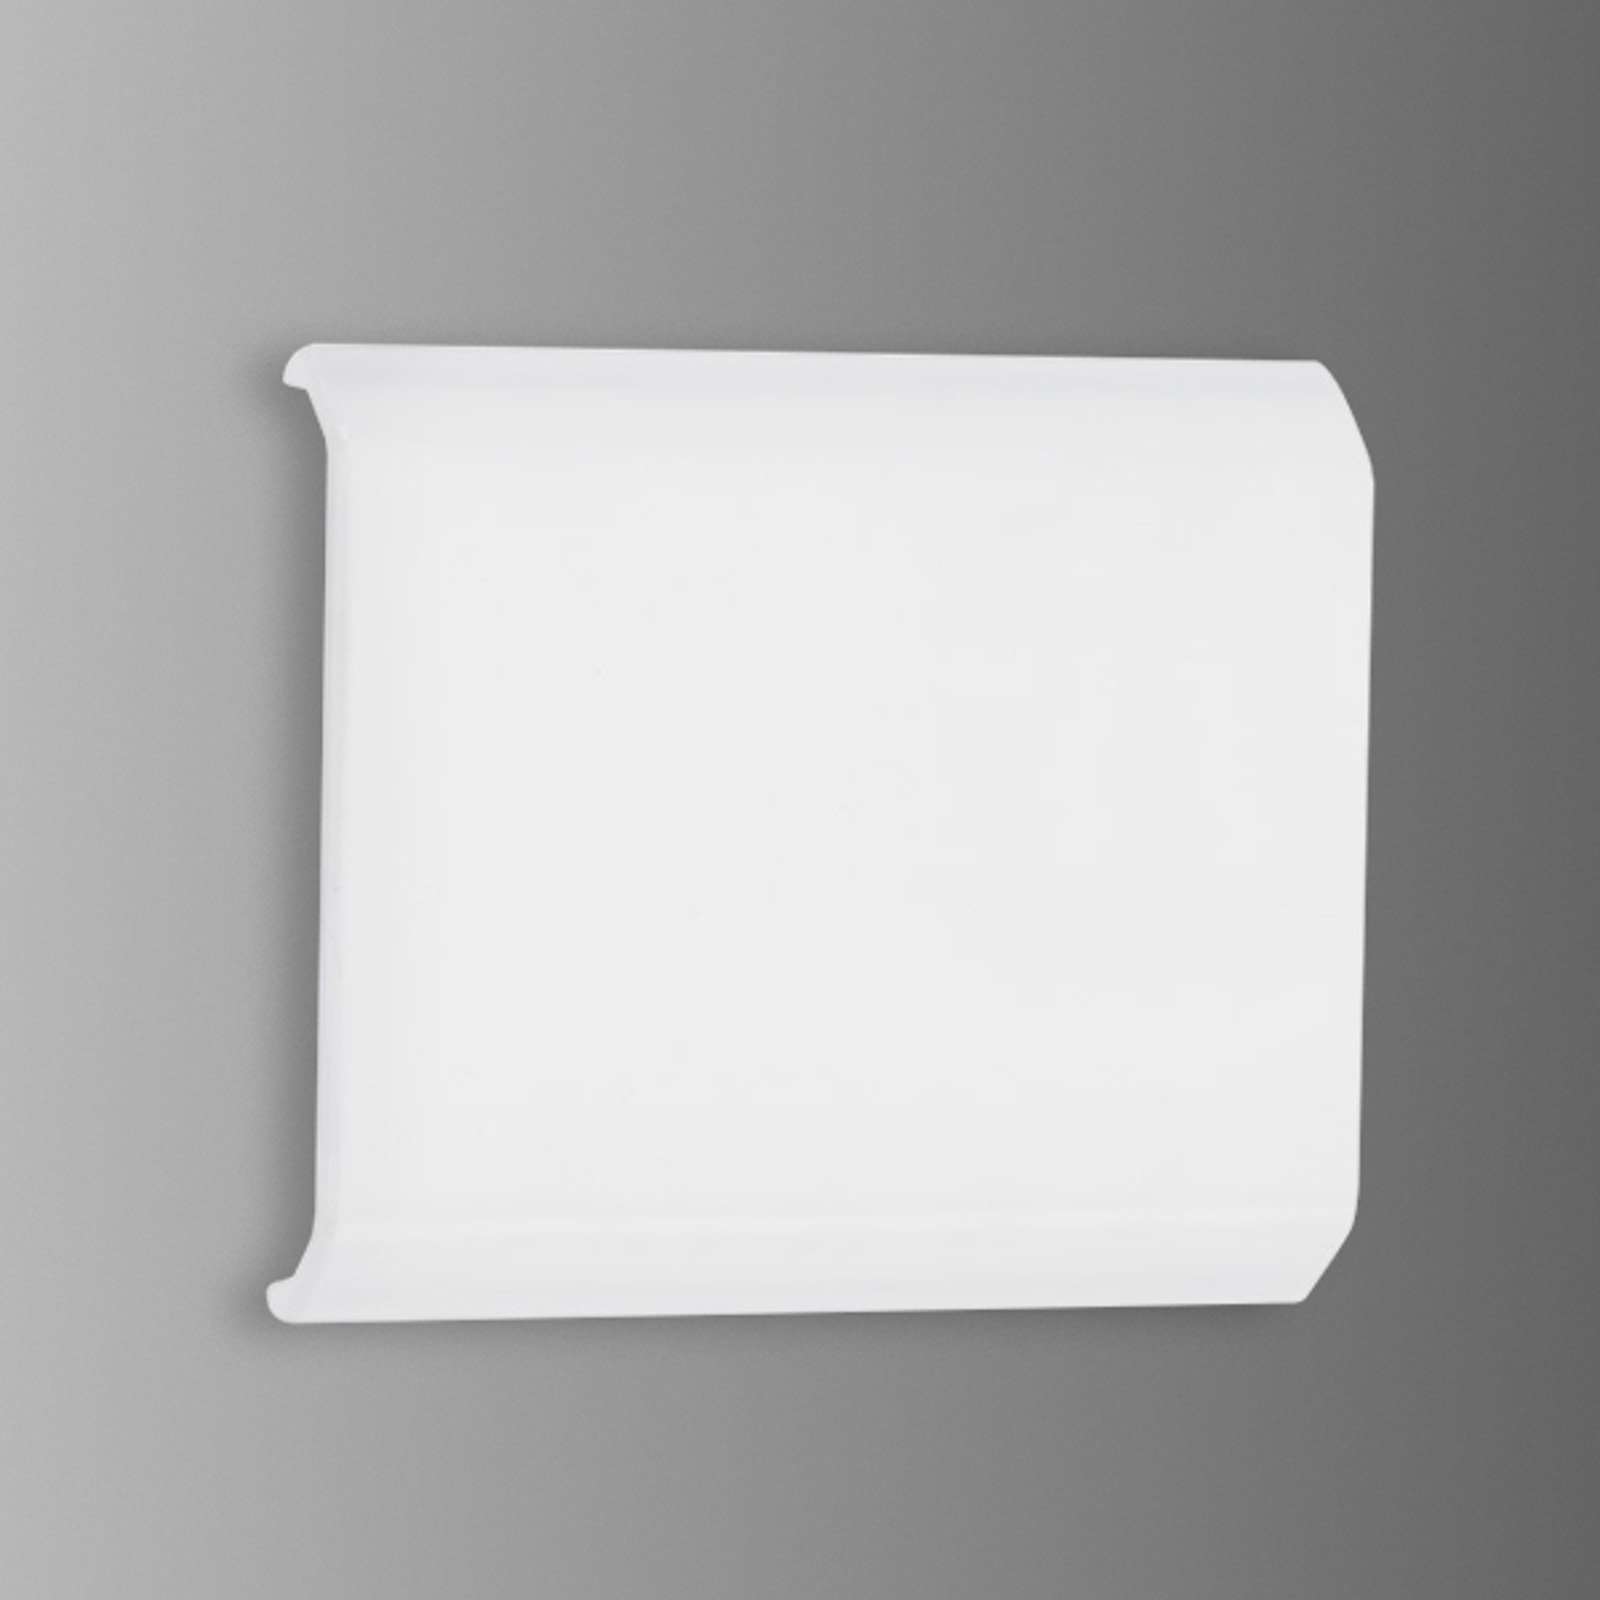 Paulmann Delta Profil Verbinderkappe, 4er Set